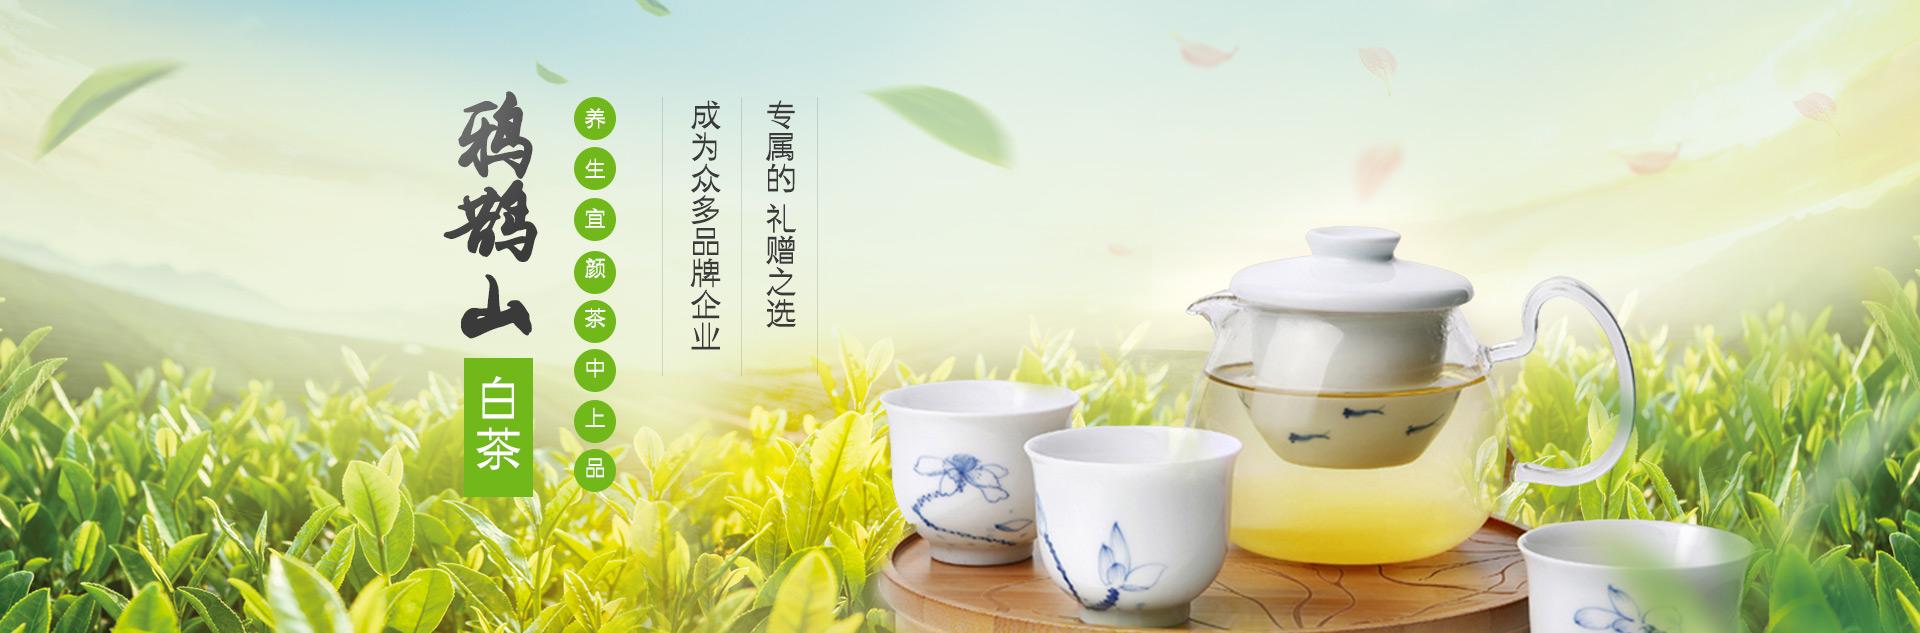 鸦鹊山白茶  养生宜颜茶中上品 成为众多品牌企业专属的 礼赠之选